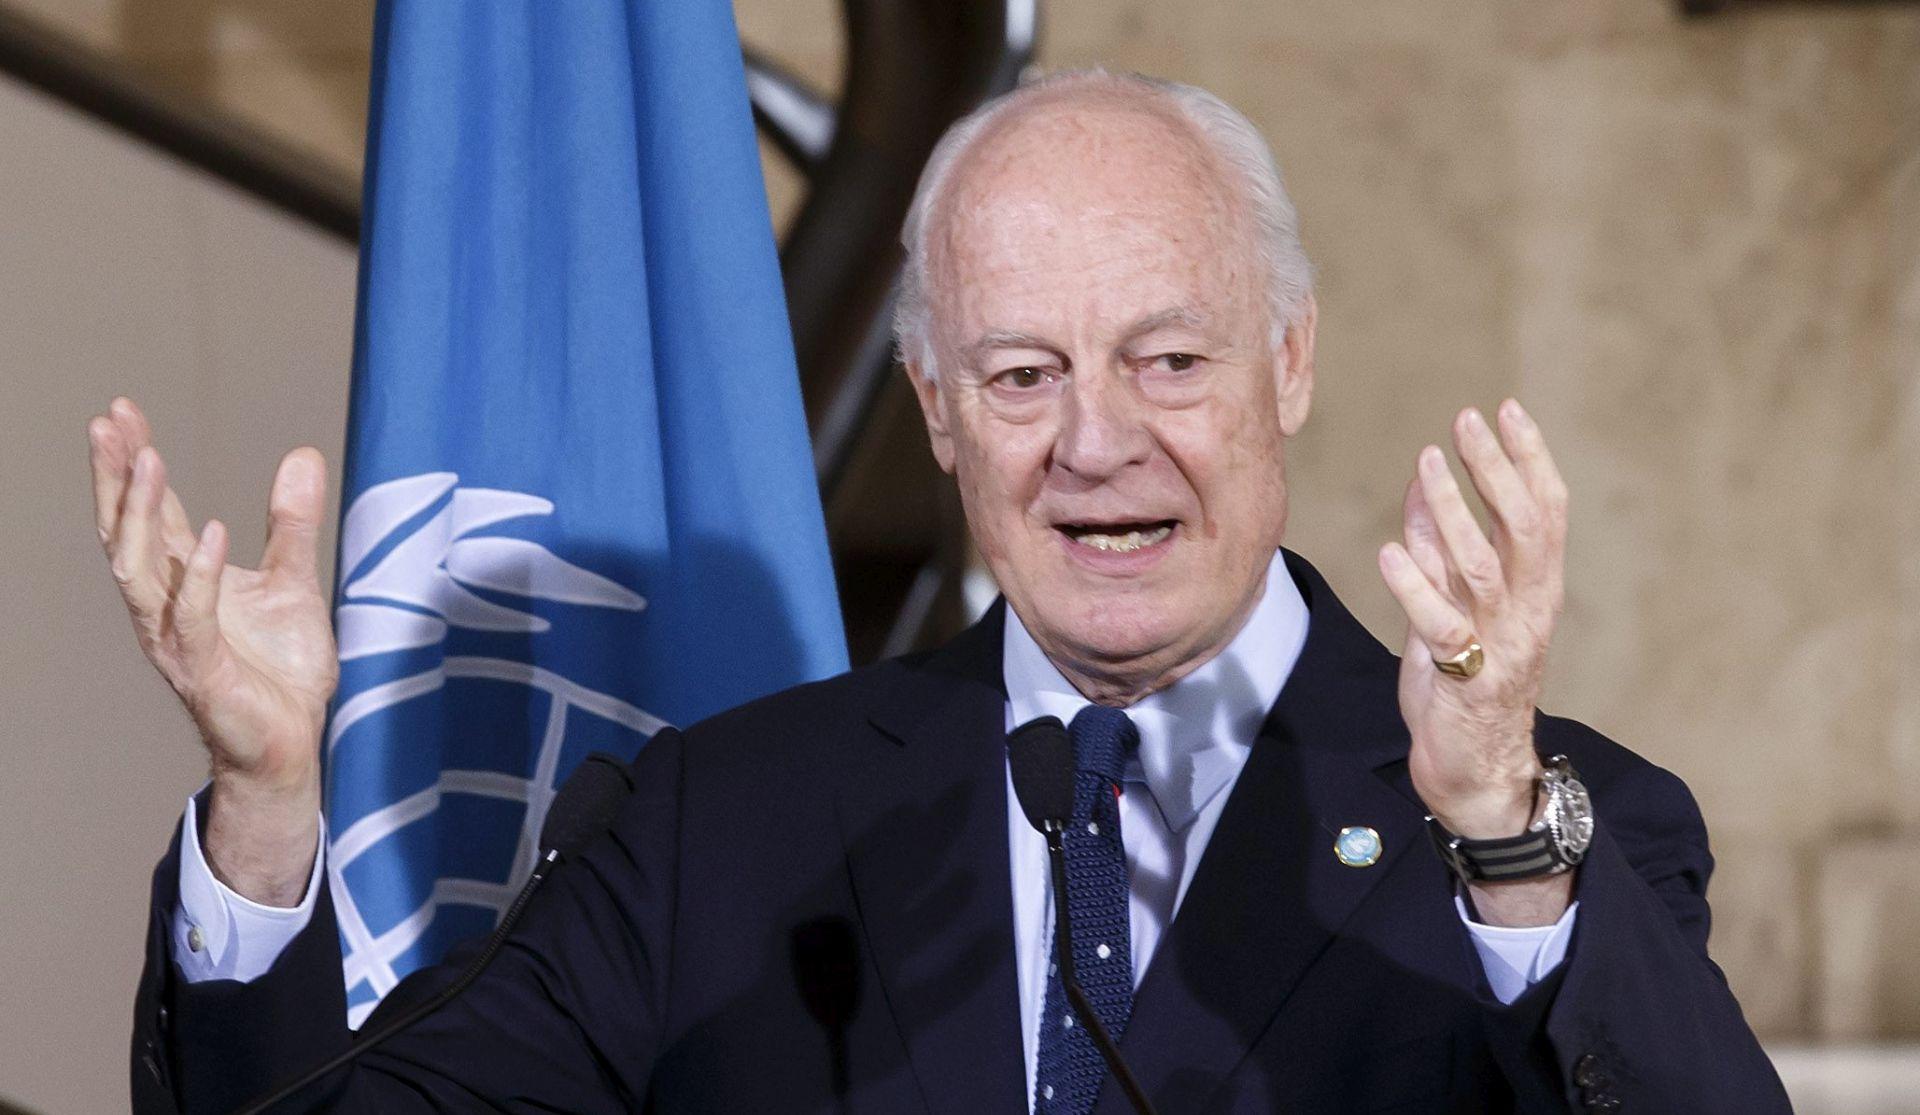 IZVJESTITELJ UN-a ZA SIRIJU: Razgovori SAD-a i Rusije su ključni za primirje